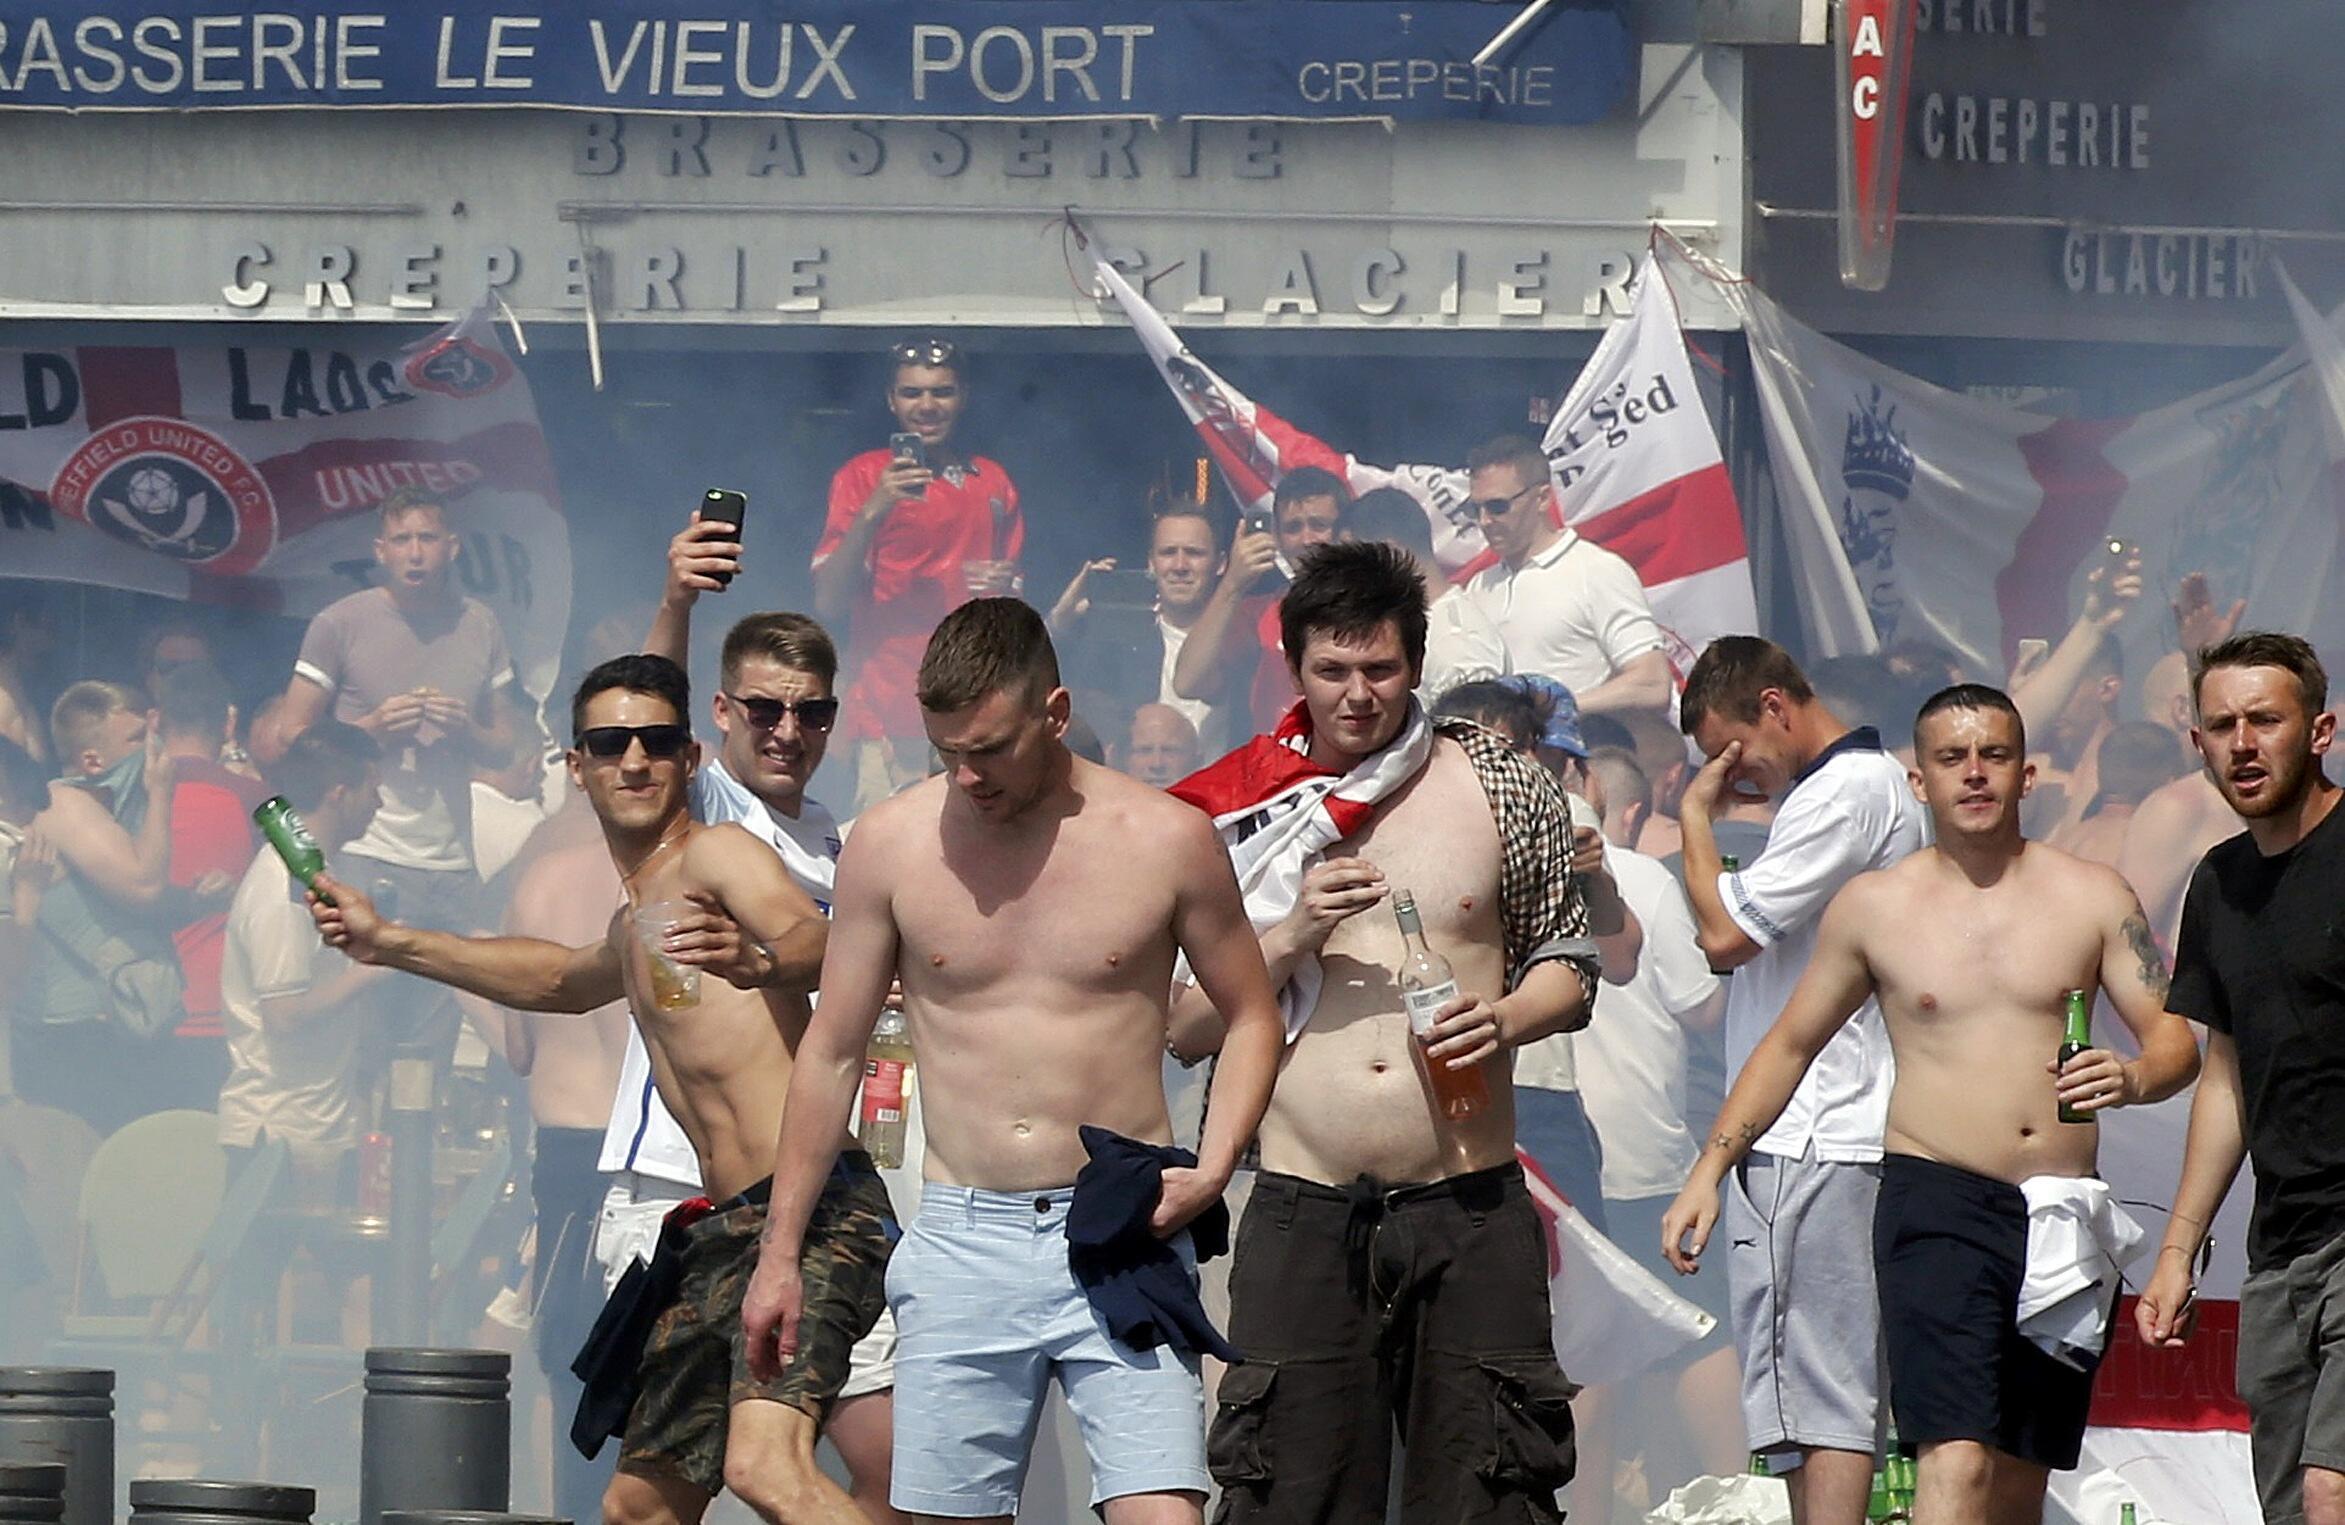 No estádio Velodrome, em Marselha, confrontos entre ingleses  e russos. 11 de junho de 2016.